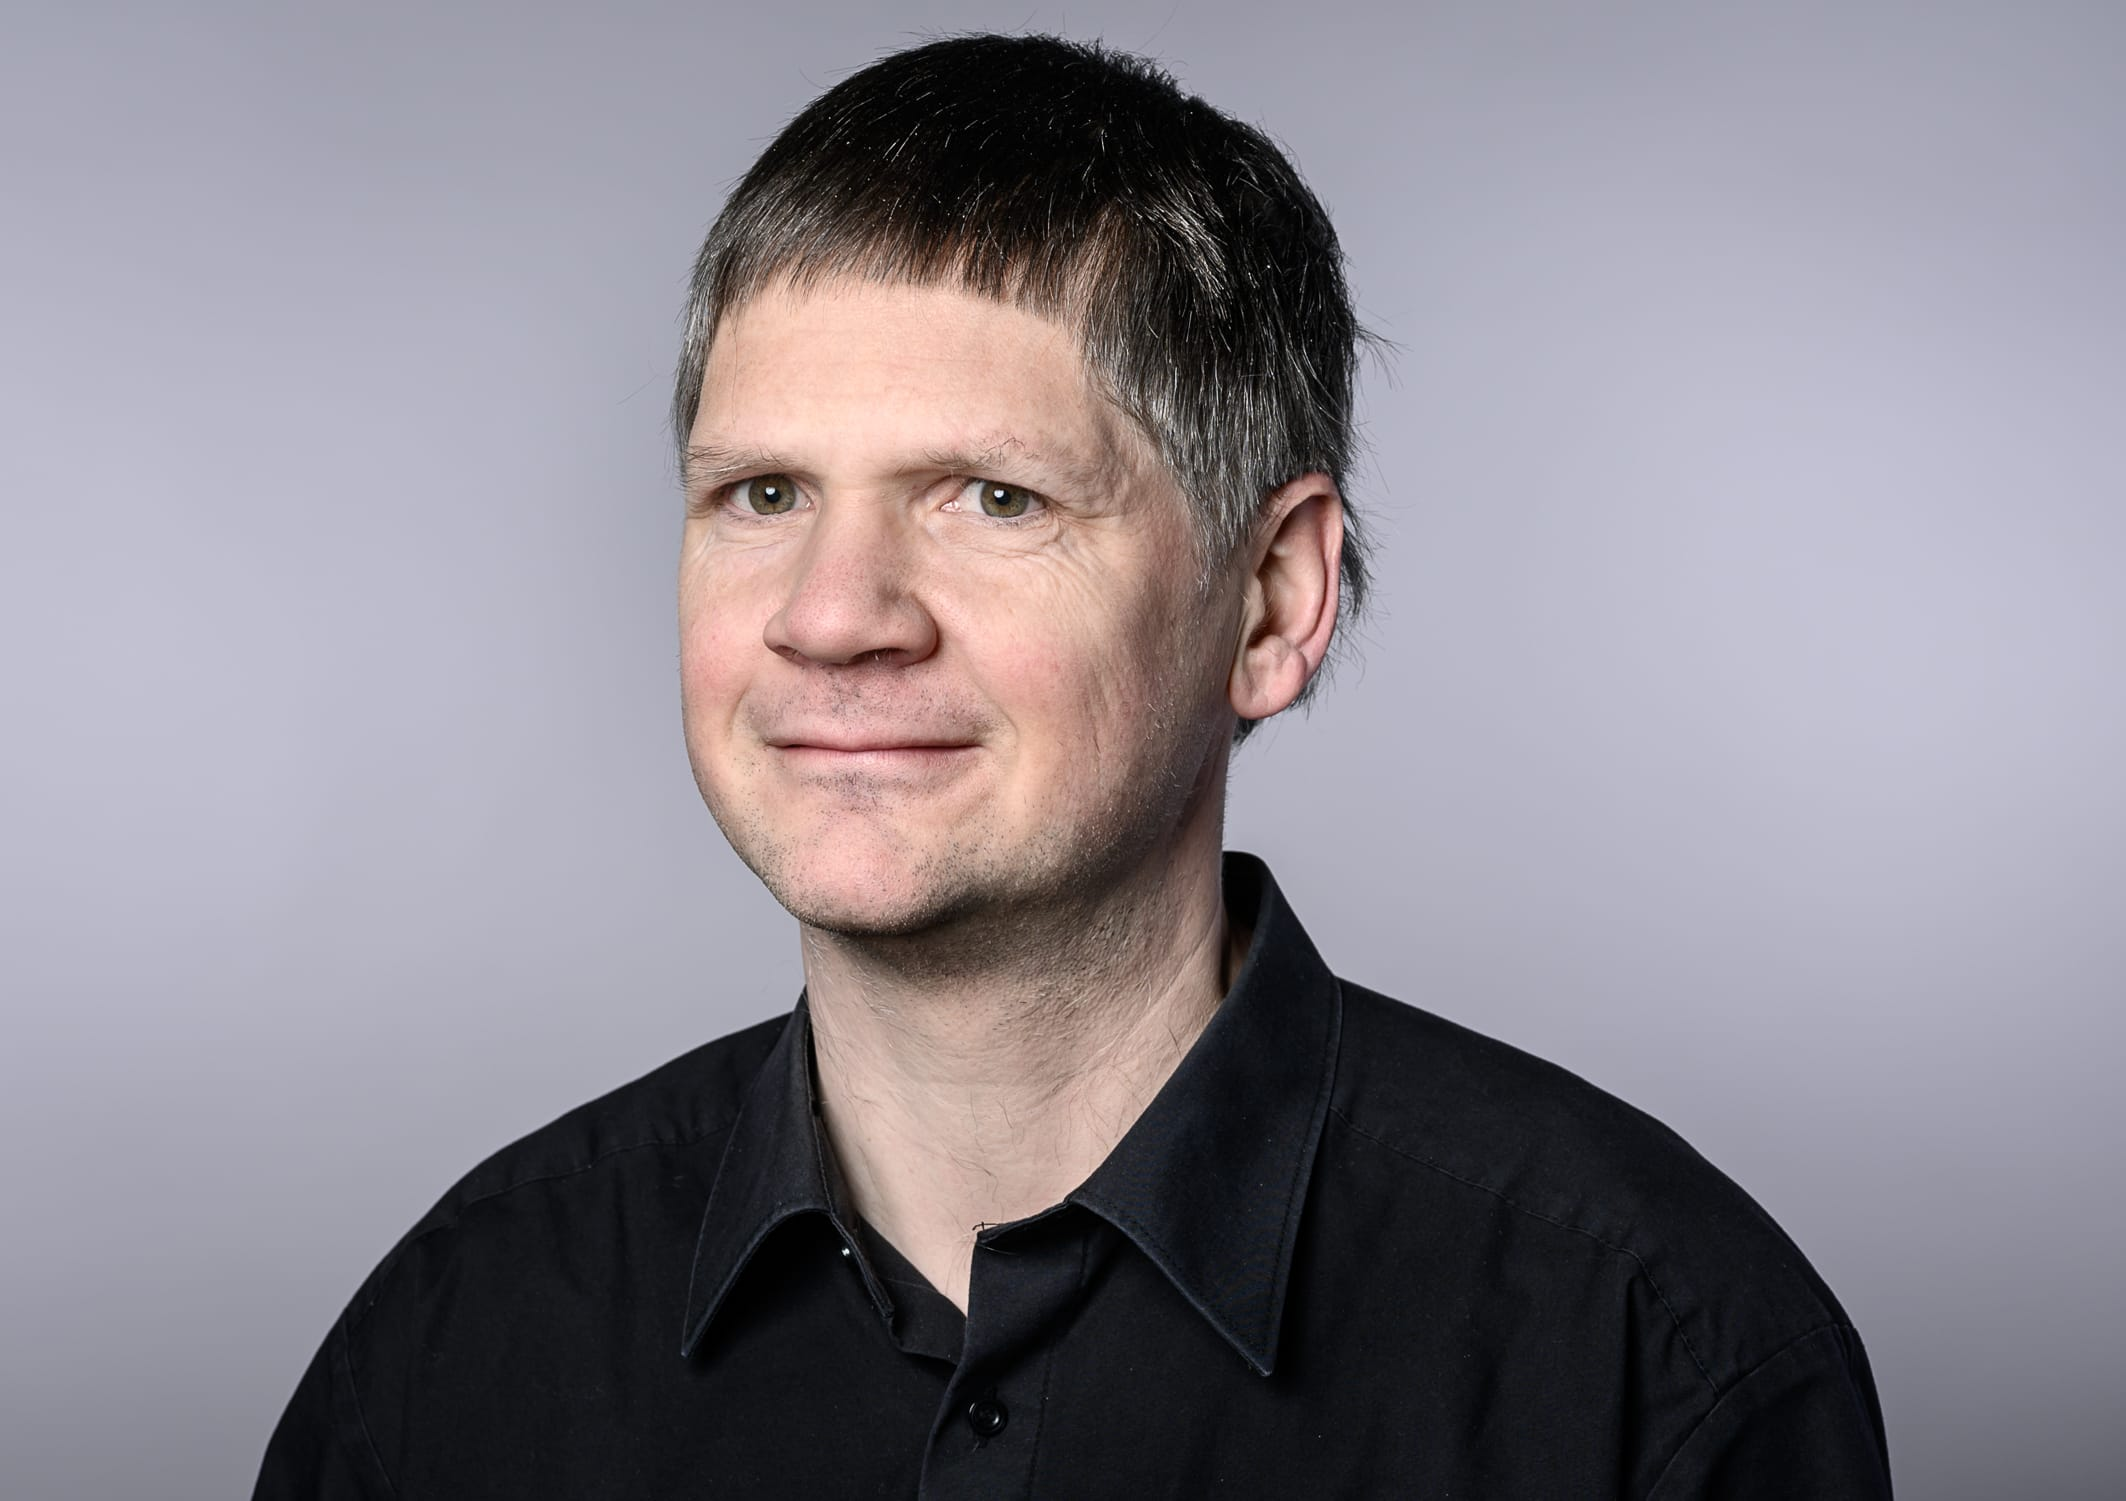 portrait Foto von Christoph Meier